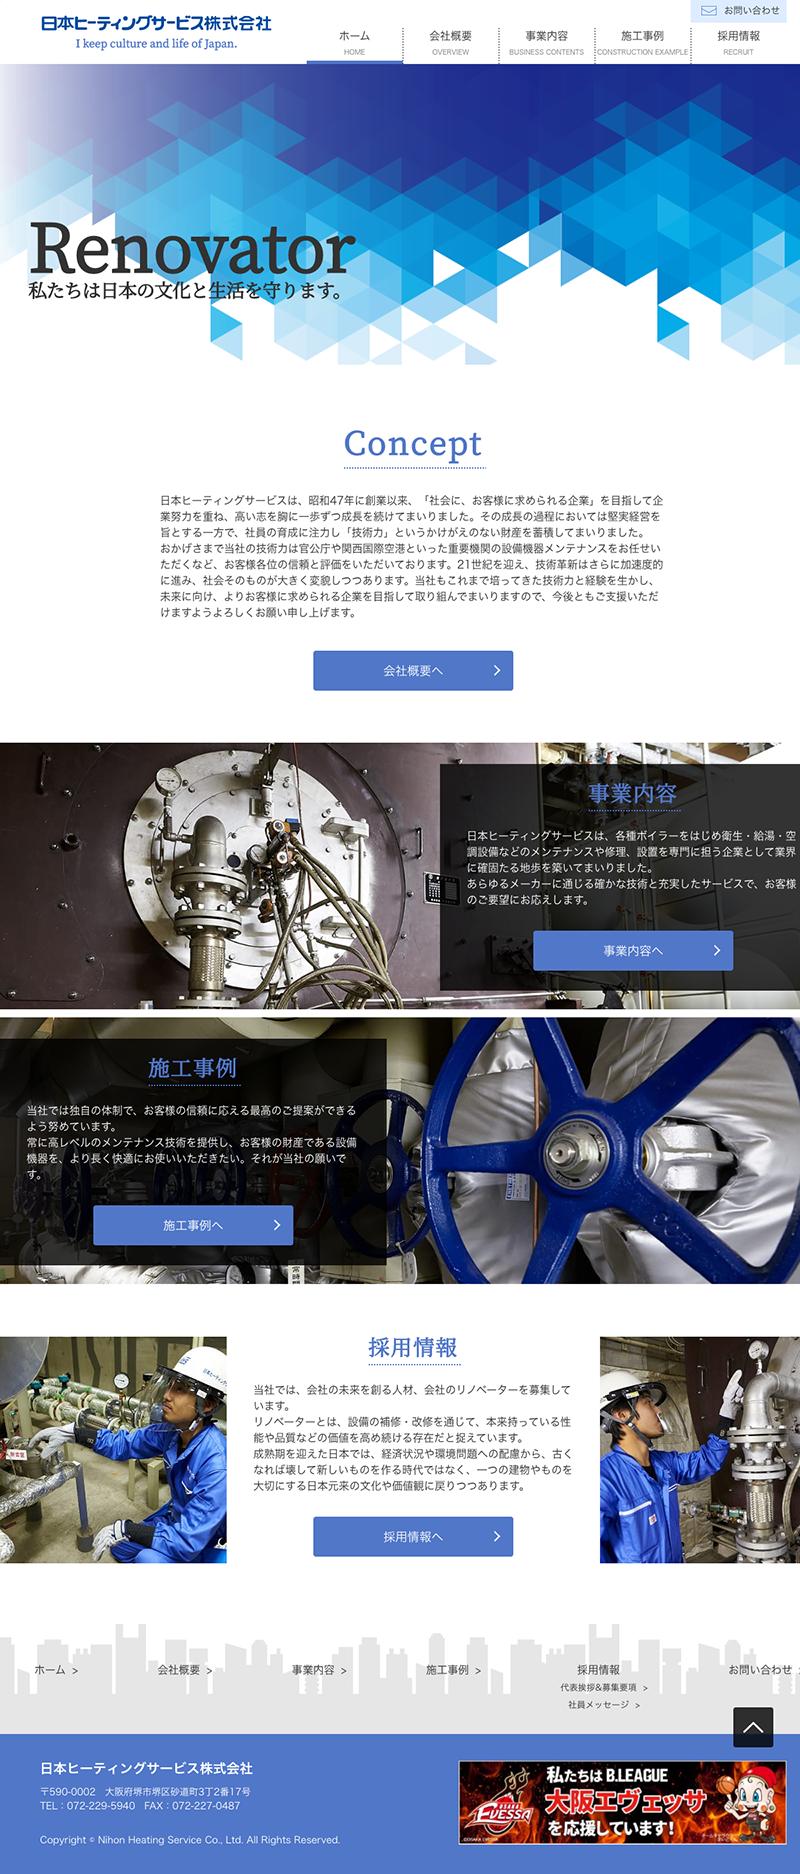 ホームページ制作実績日本ヒーティングサービス株式会社